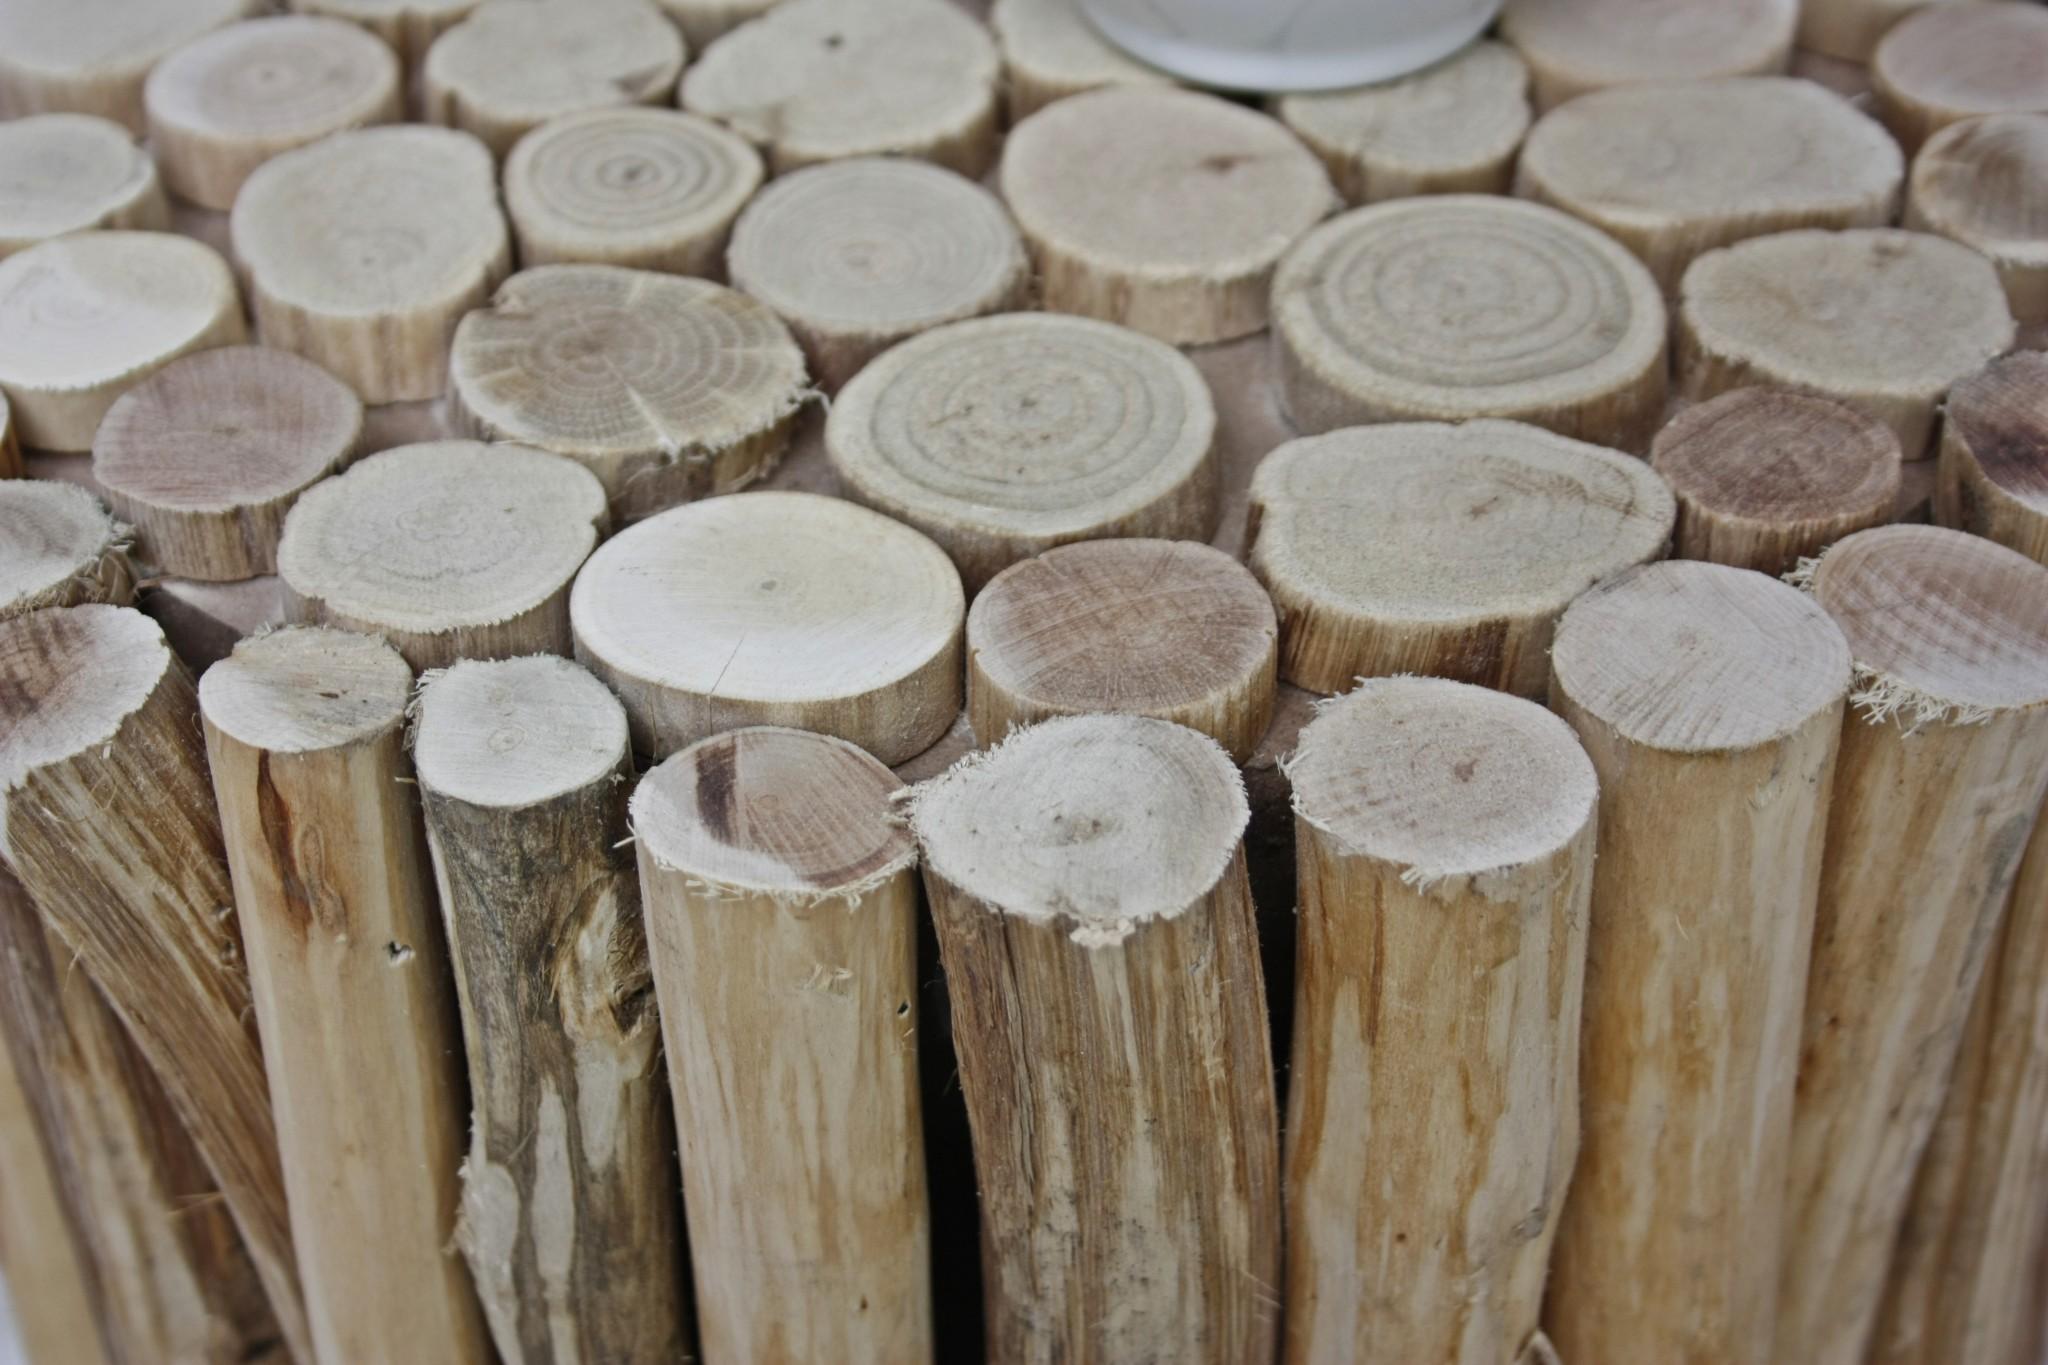 sitzhocker hocker braun landhaus tisch beistelltisch holzhocker urban massivholz ebay. Black Bedroom Furniture Sets. Home Design Ideas